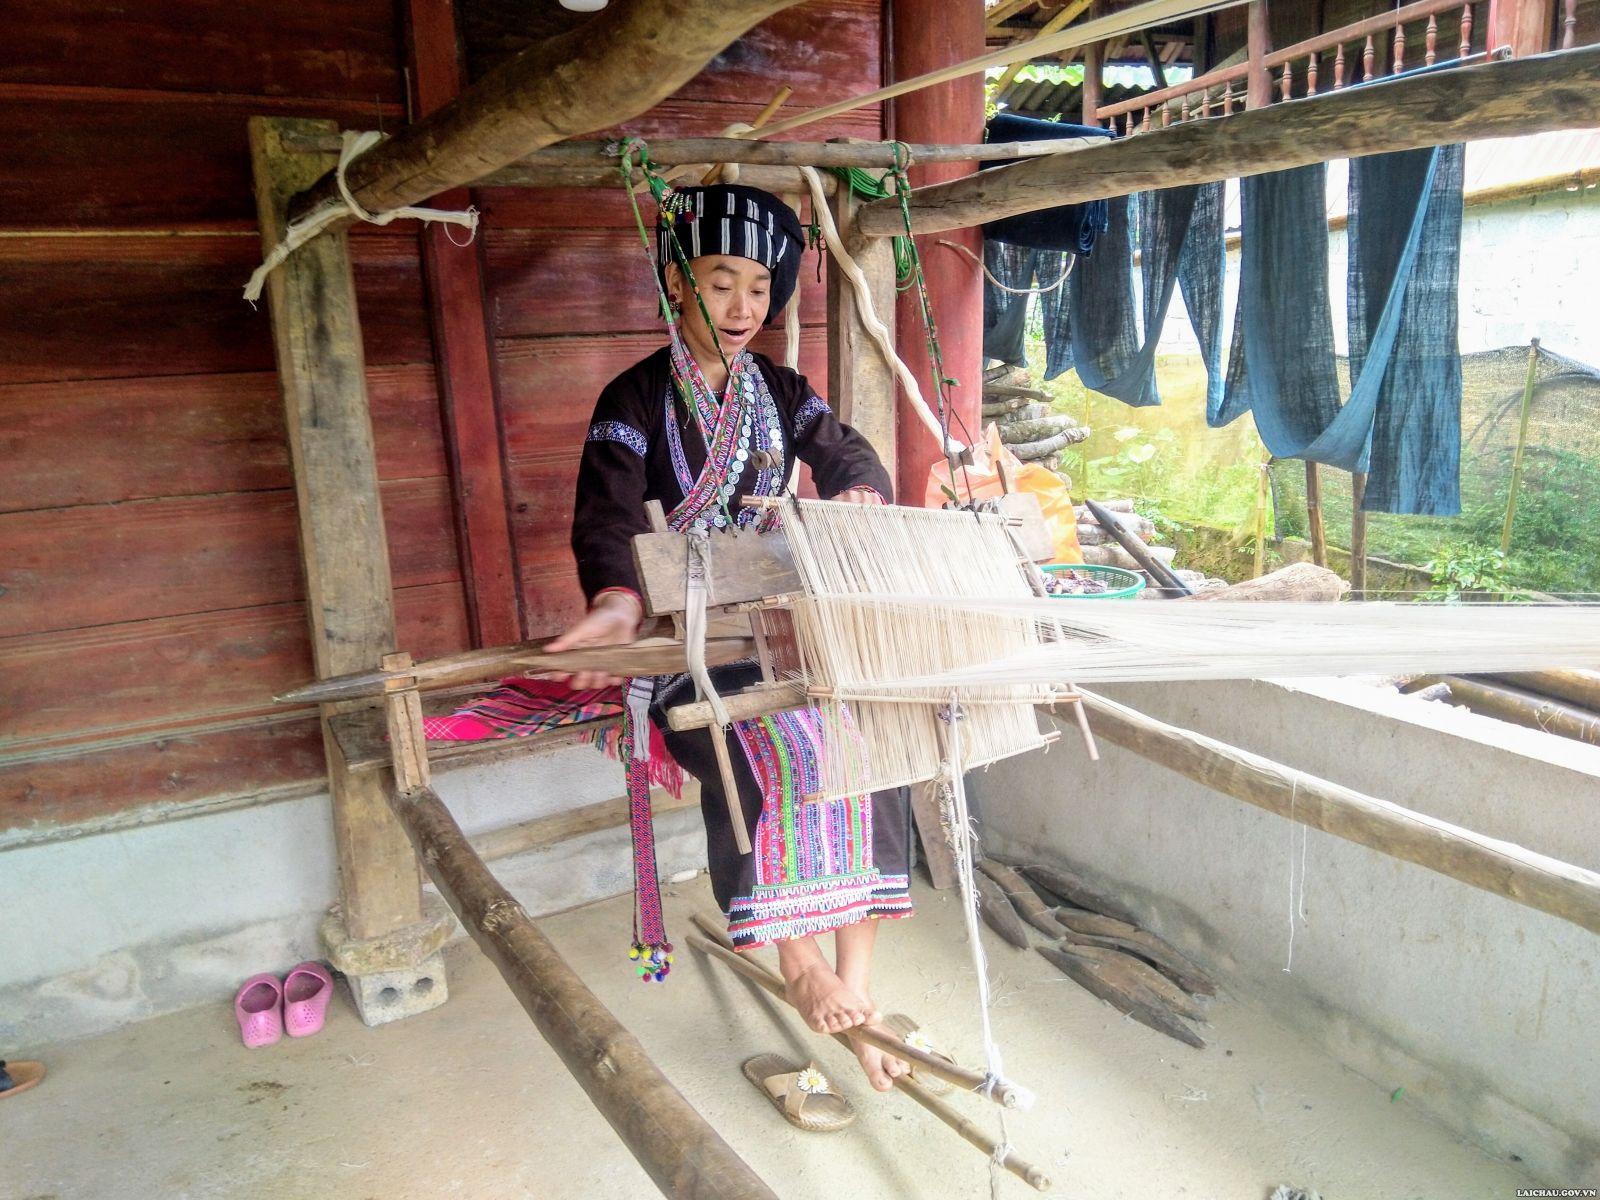 Nghề dệt thổ cẩm đang giúp cho chị em phụ nữ ở xã Bản Hon, huyện Tam Đường, tỉnh Lai Châu có thêm thu nhập ổn định cuộc sống (Ảnh tư liệu)